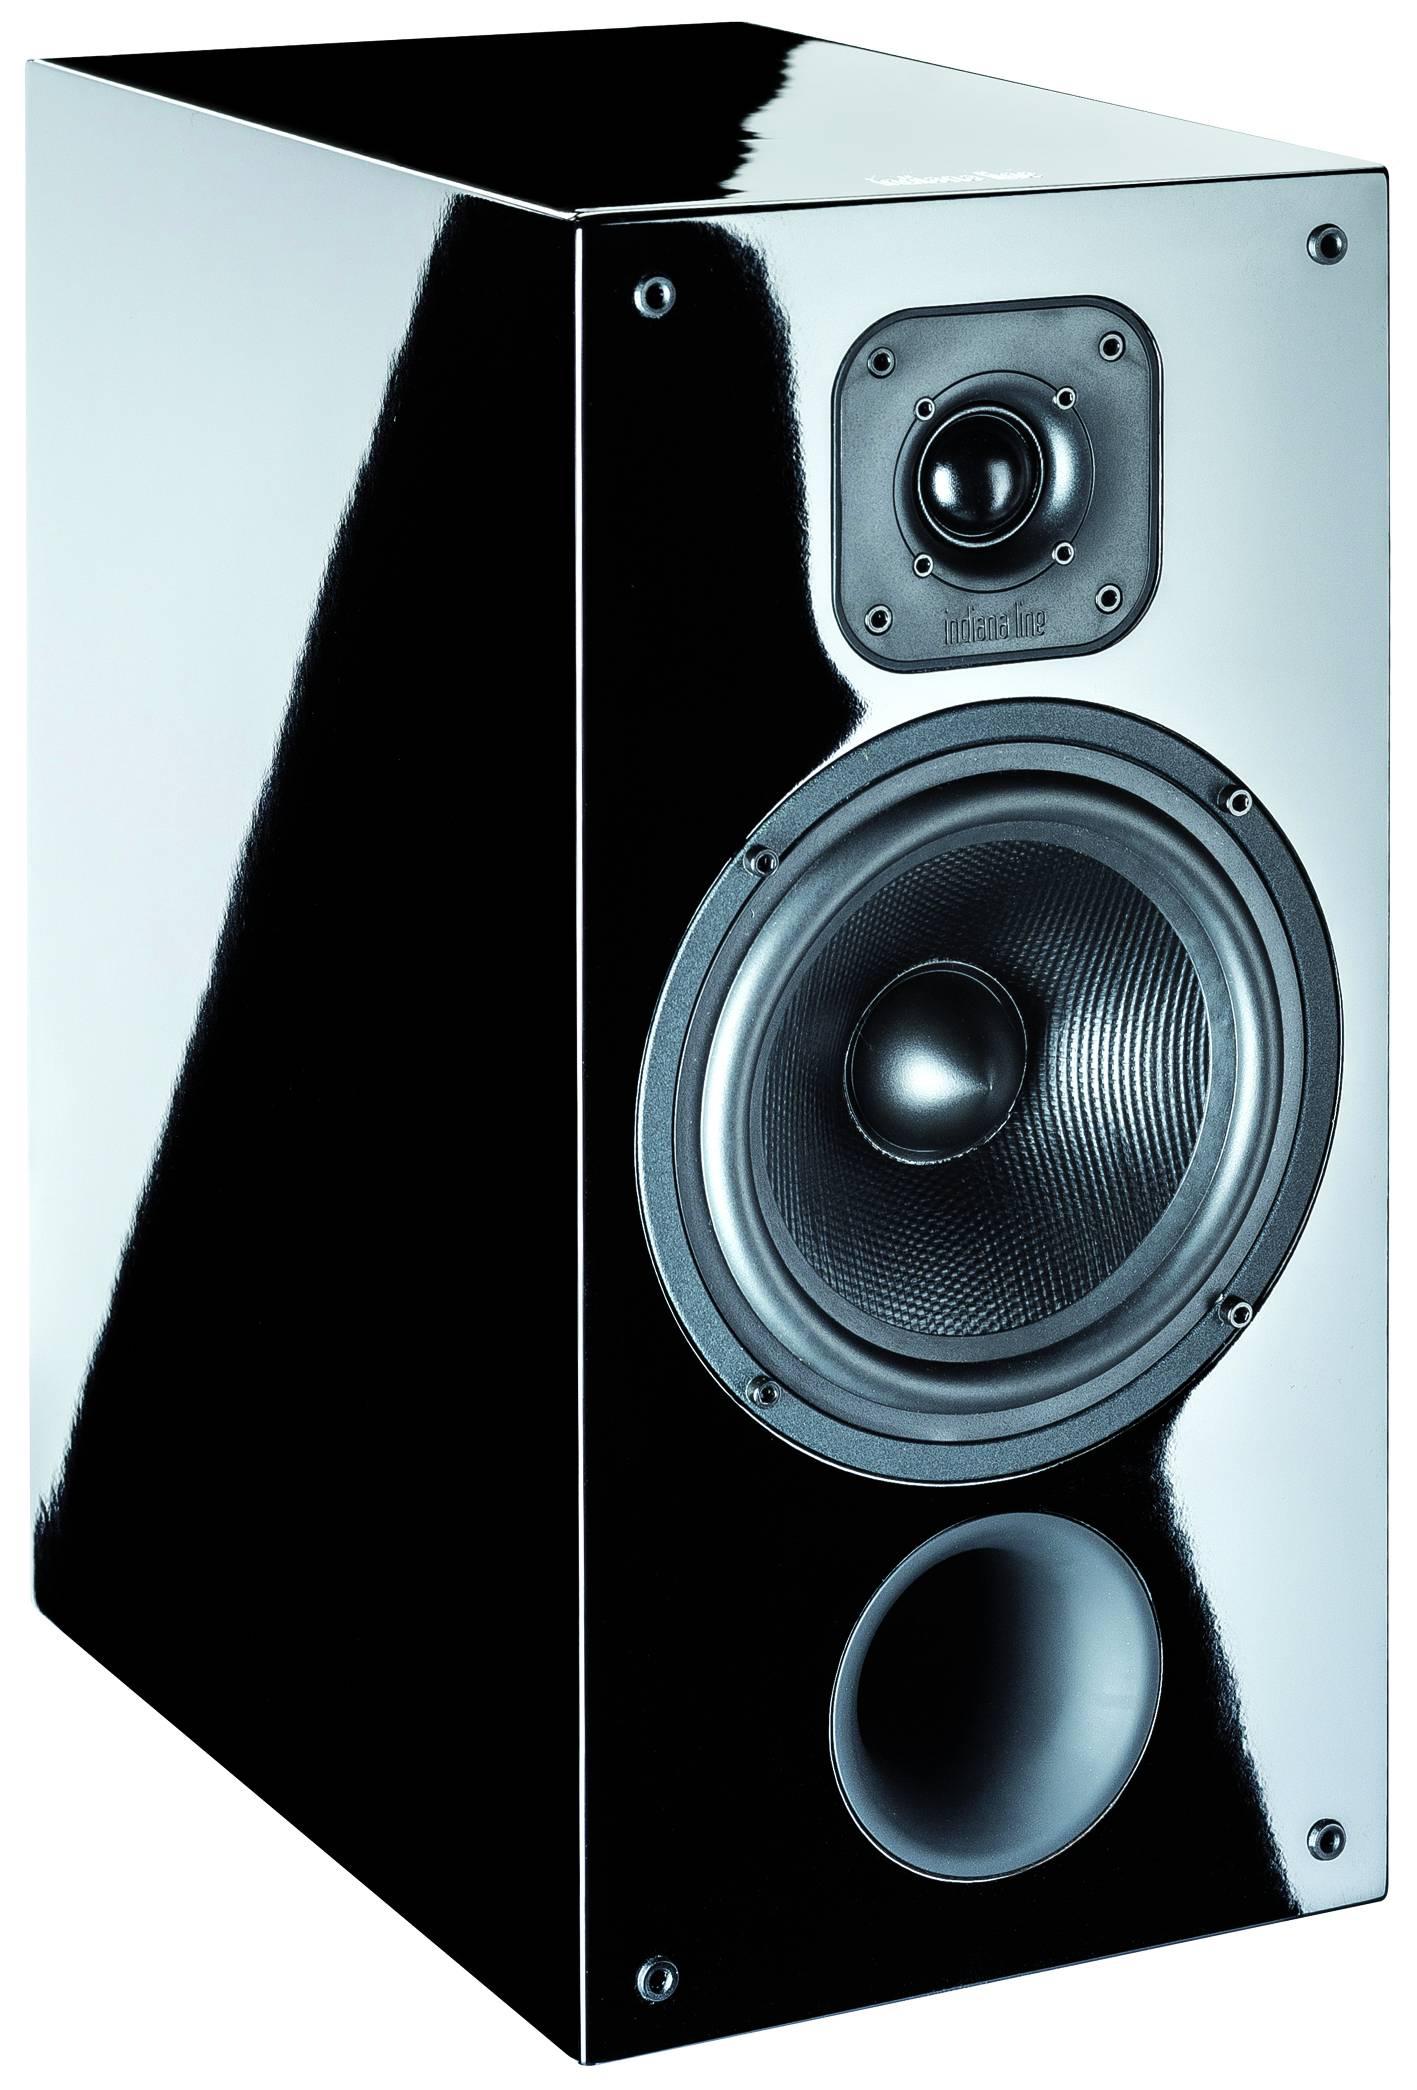 Indiana line diva 262 audio lifestyle - Diva 262 recensione ...